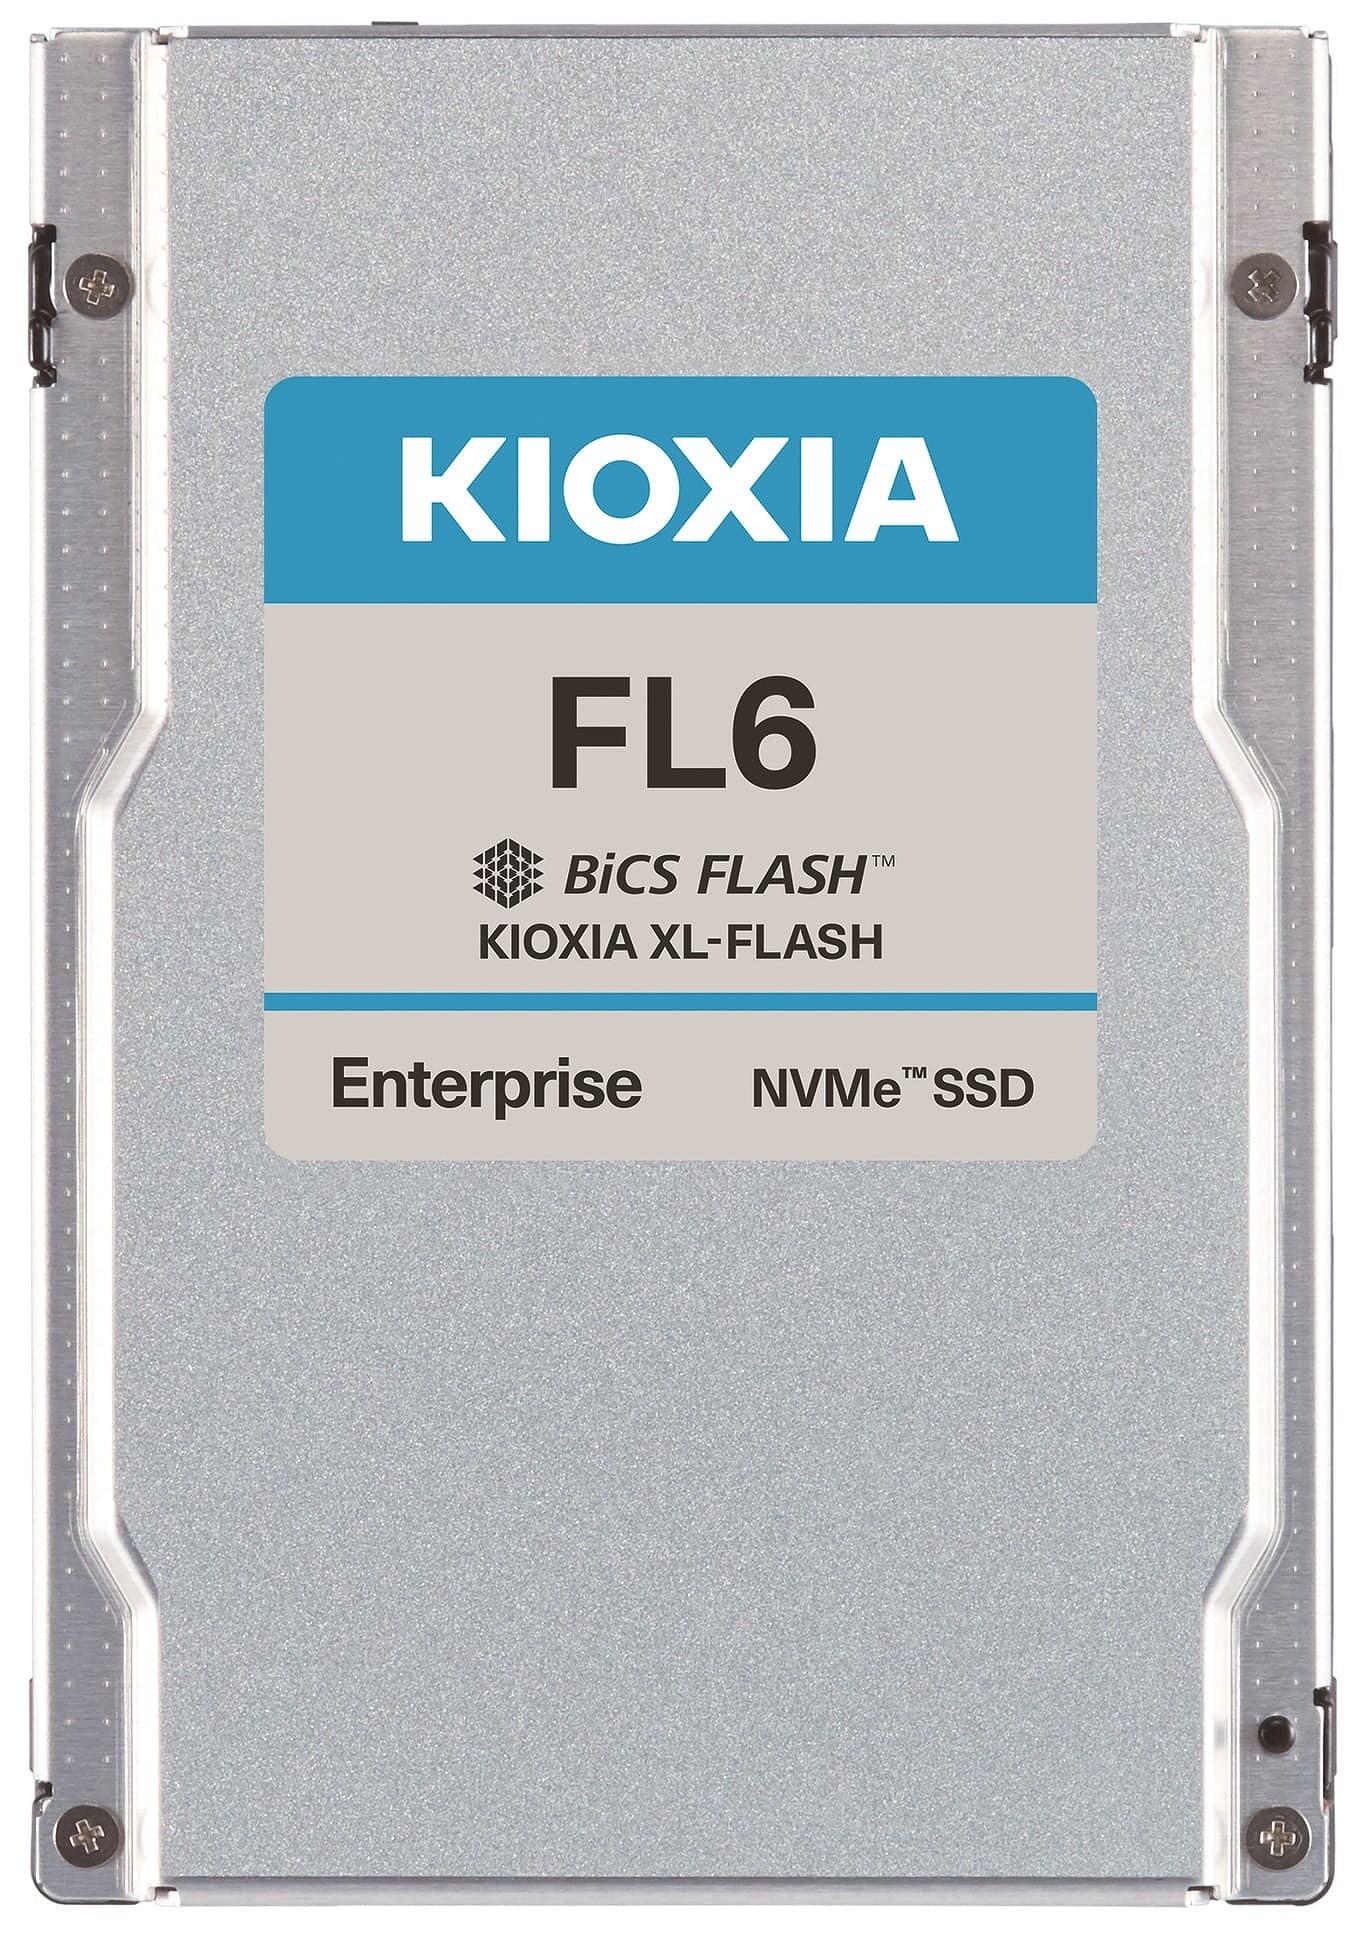 kioxiafl6xlflashcmyk.jpg